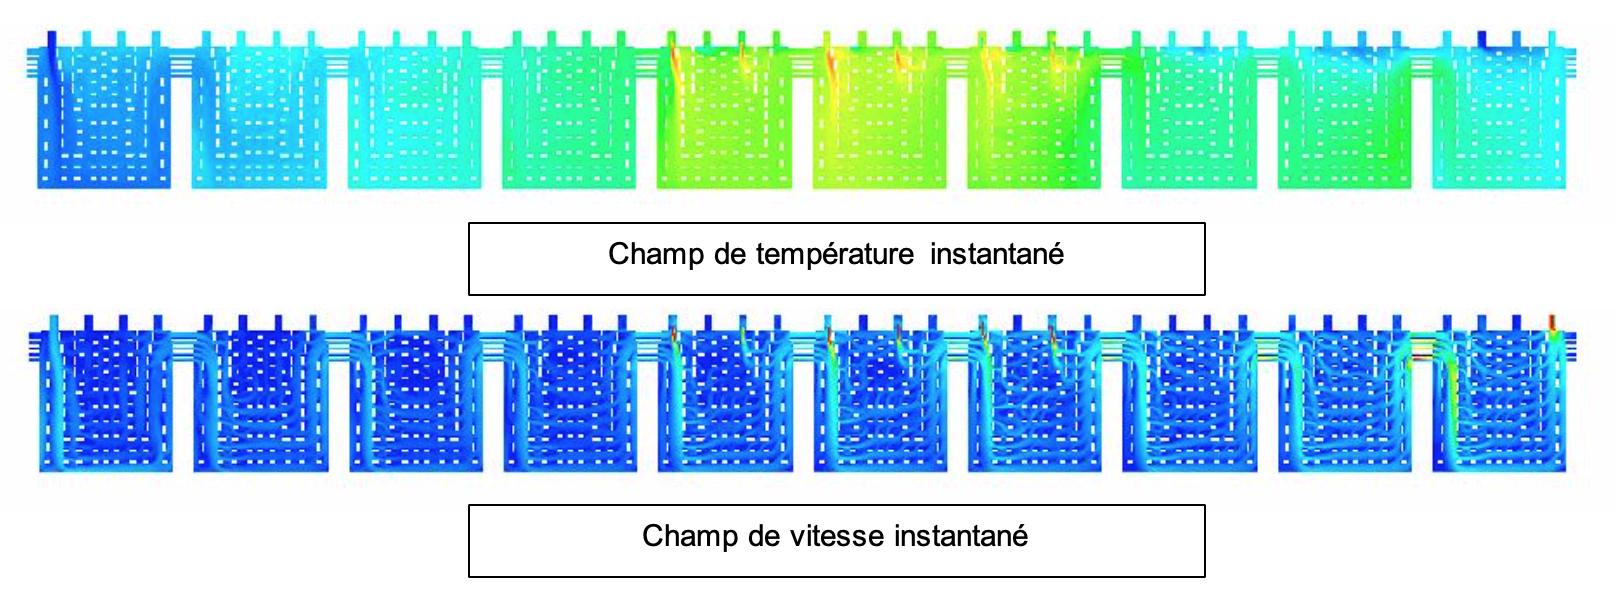 Vues du champ de température et de vitesse dans le plan de symétrie du four